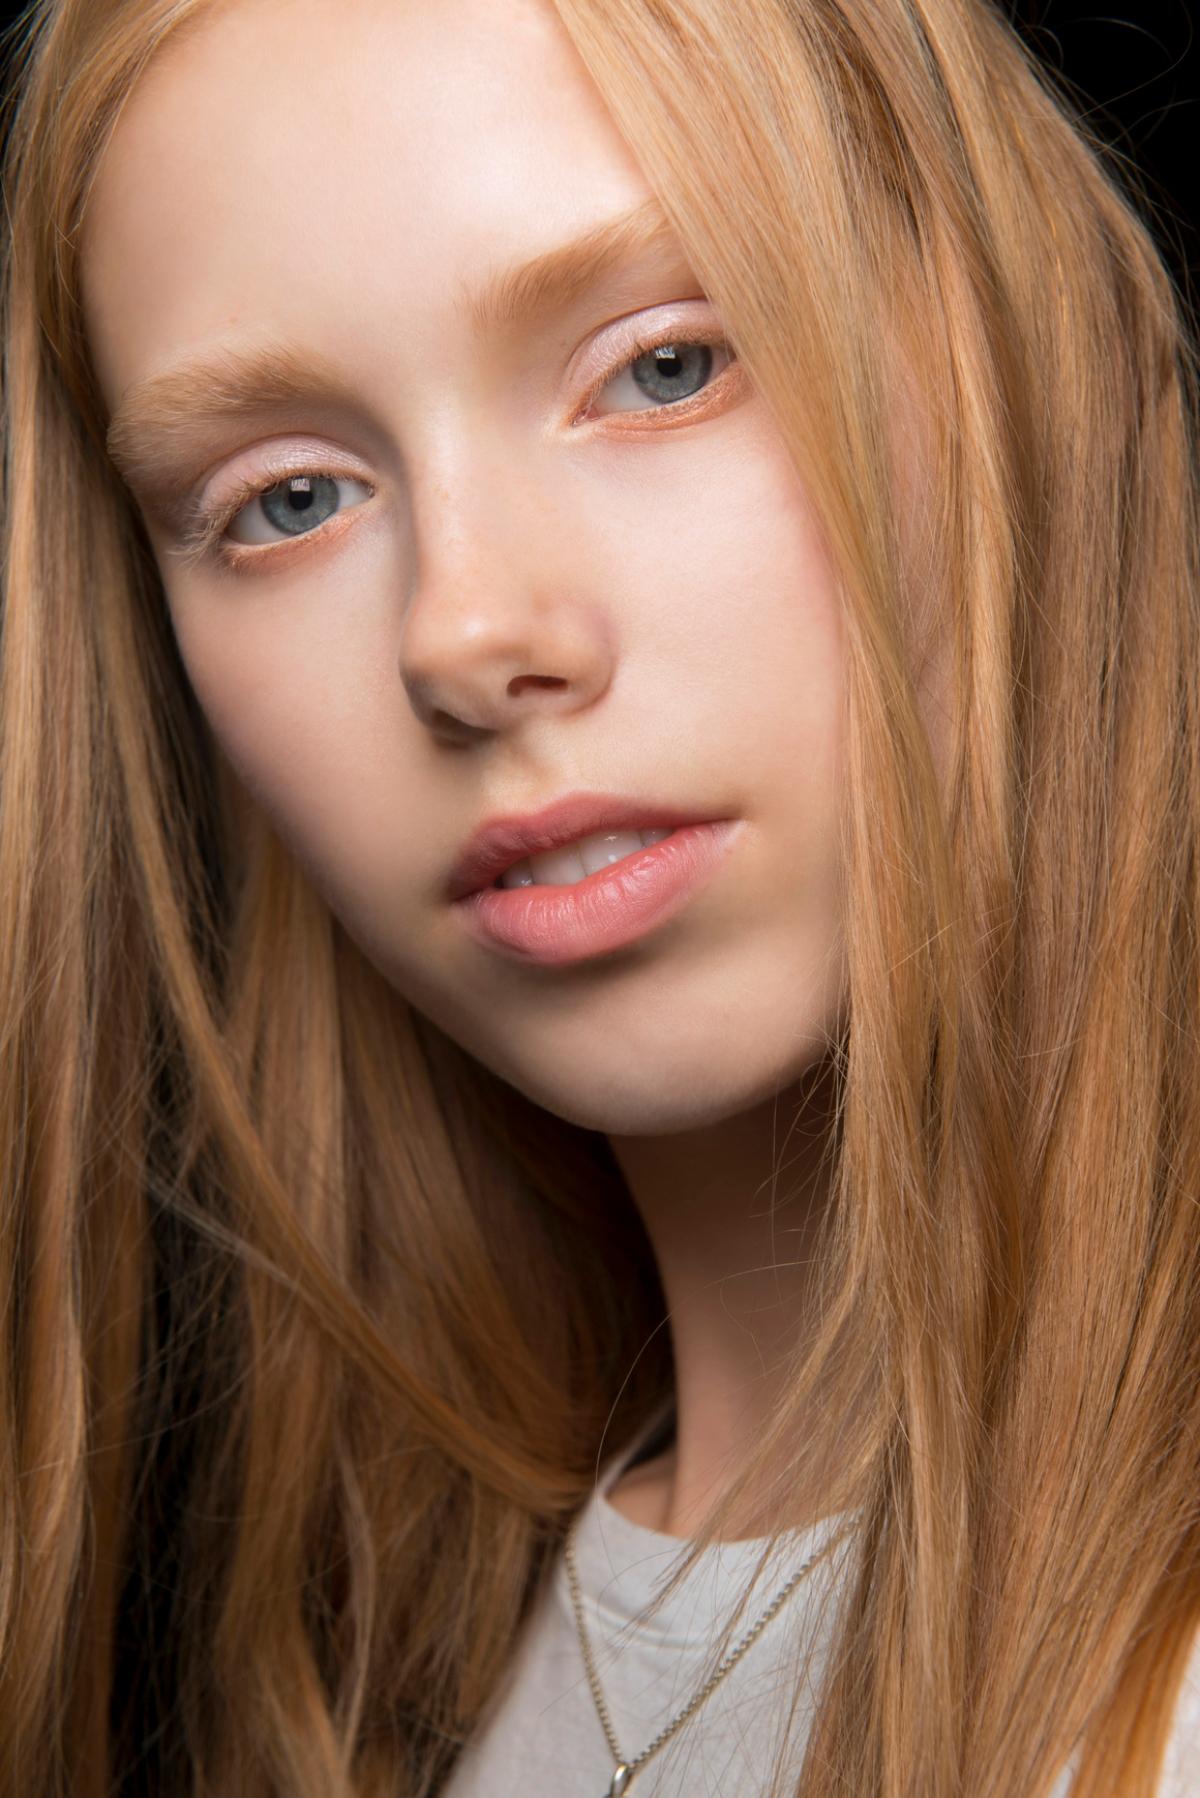 Nouveau Tout savoir sur le blond vénitien - Madame Figaro OI-42